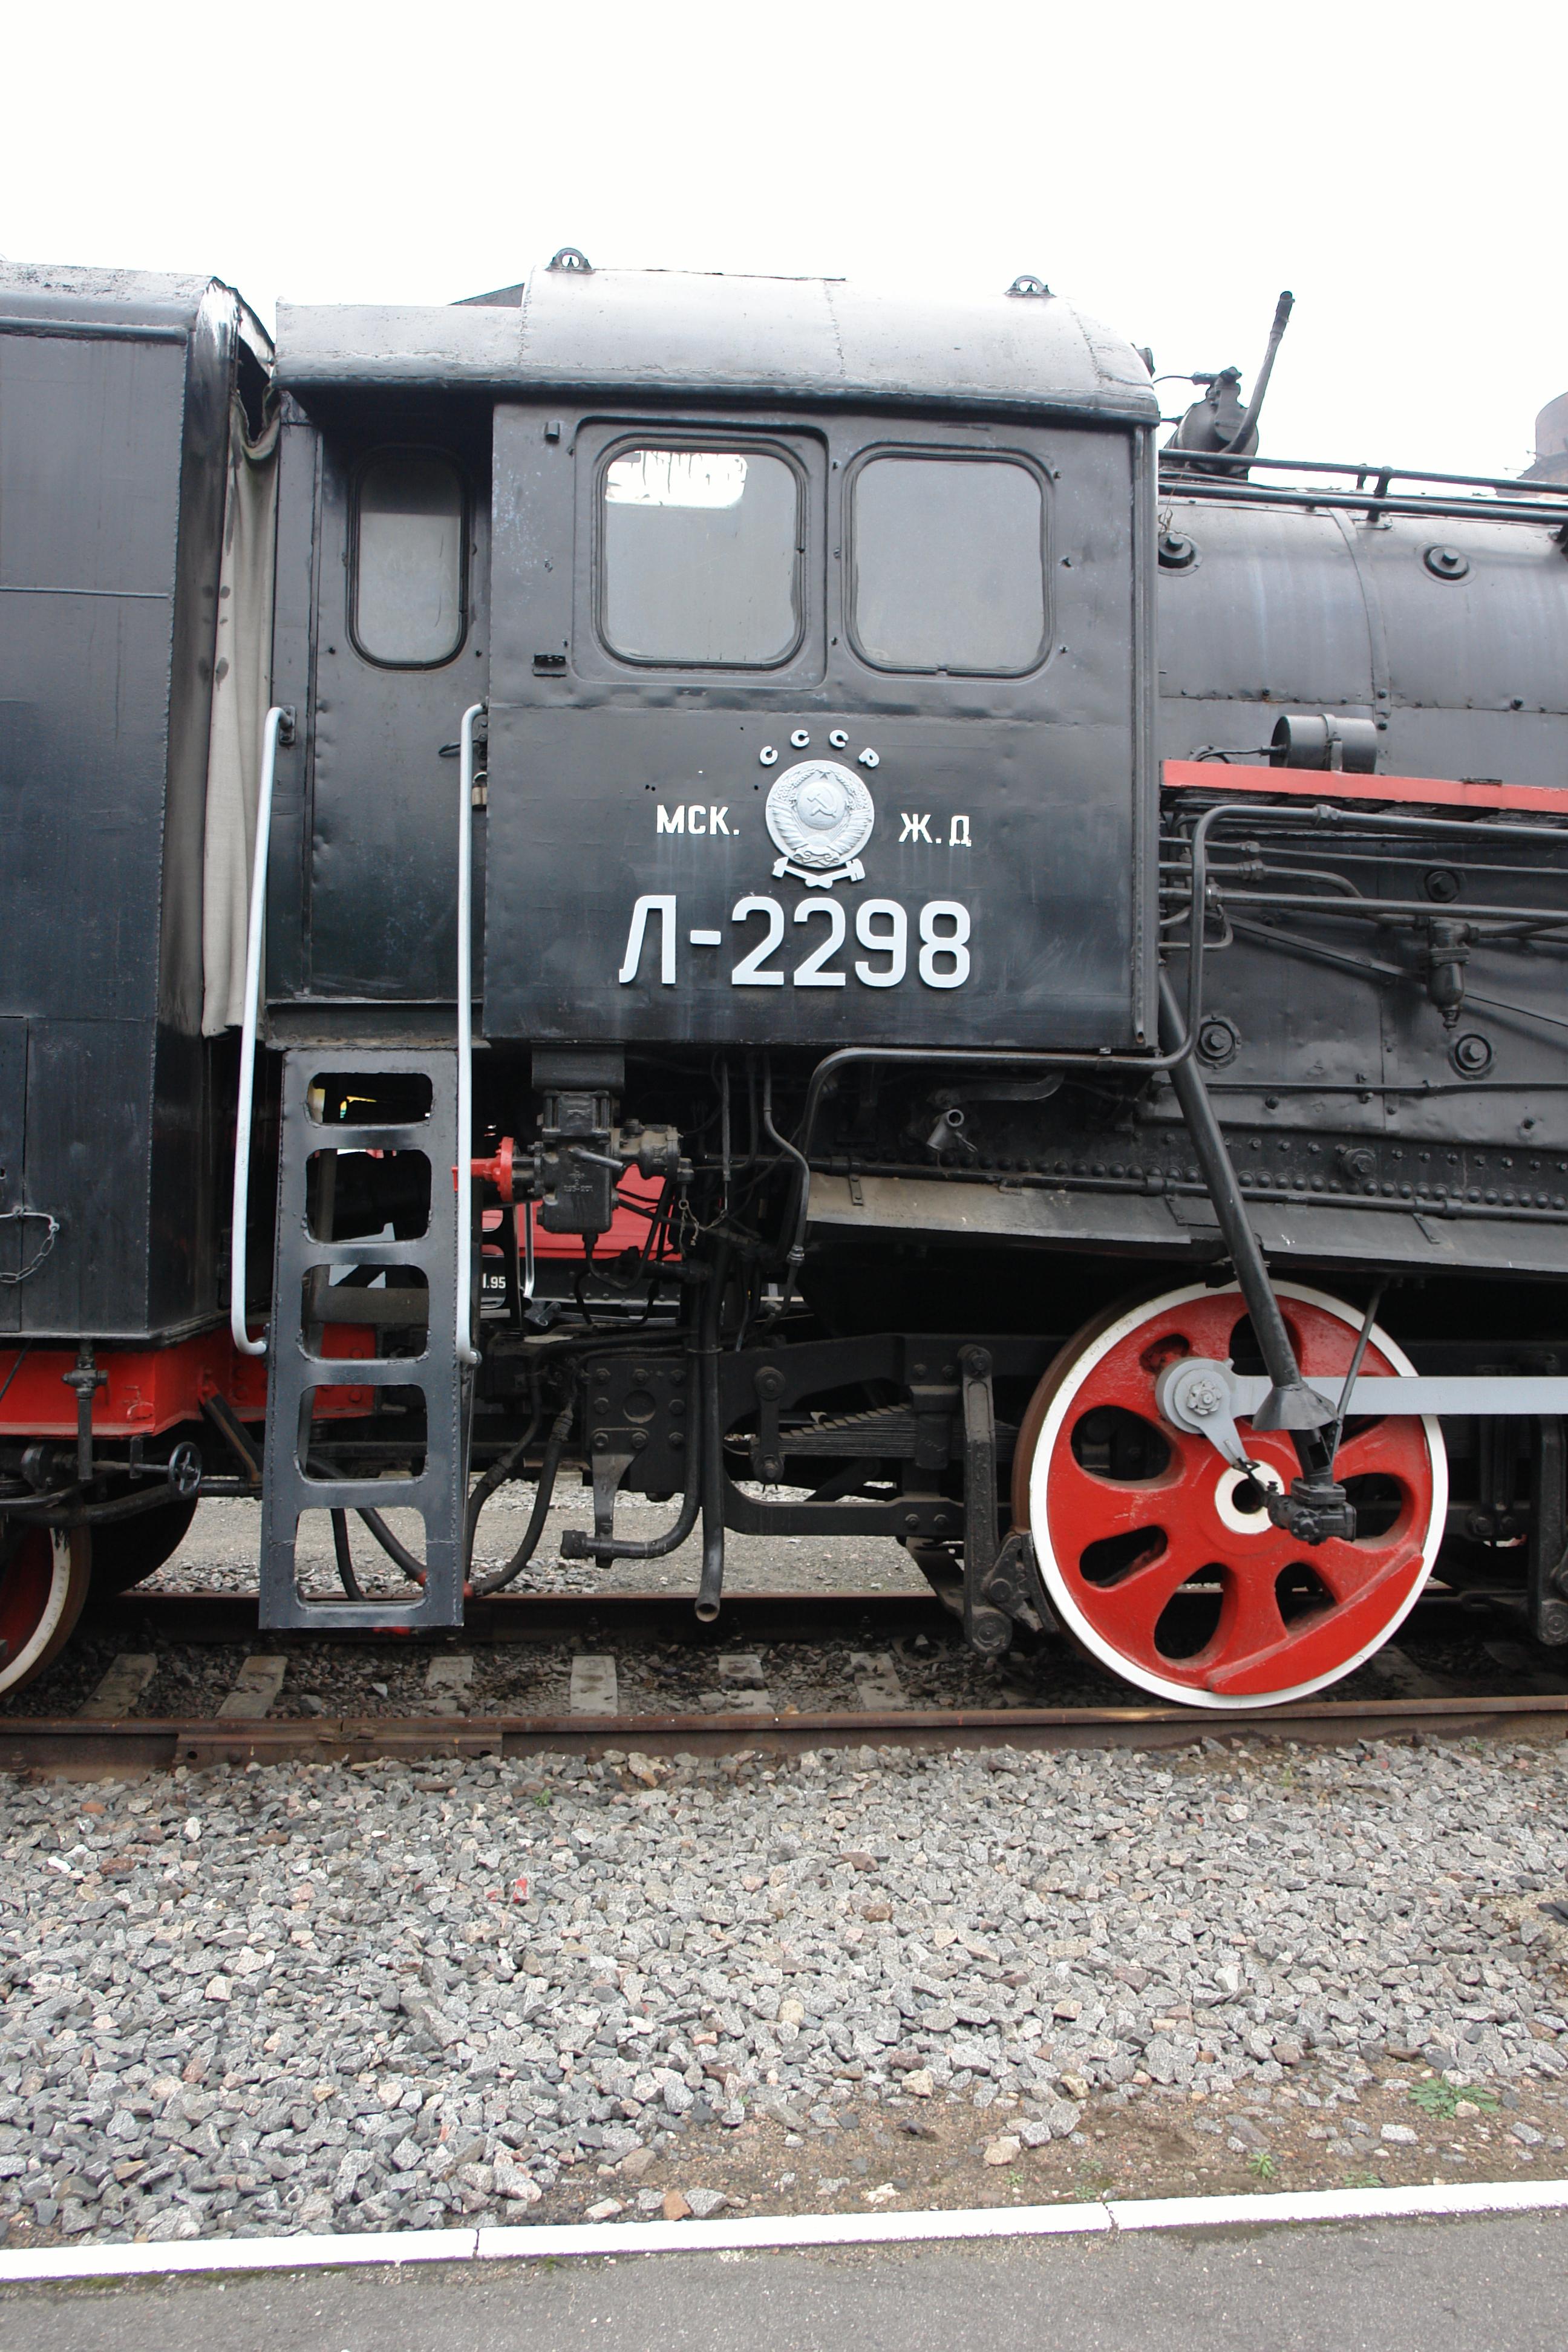 File:Грузовой паровоз Л 2298 (9).jpg